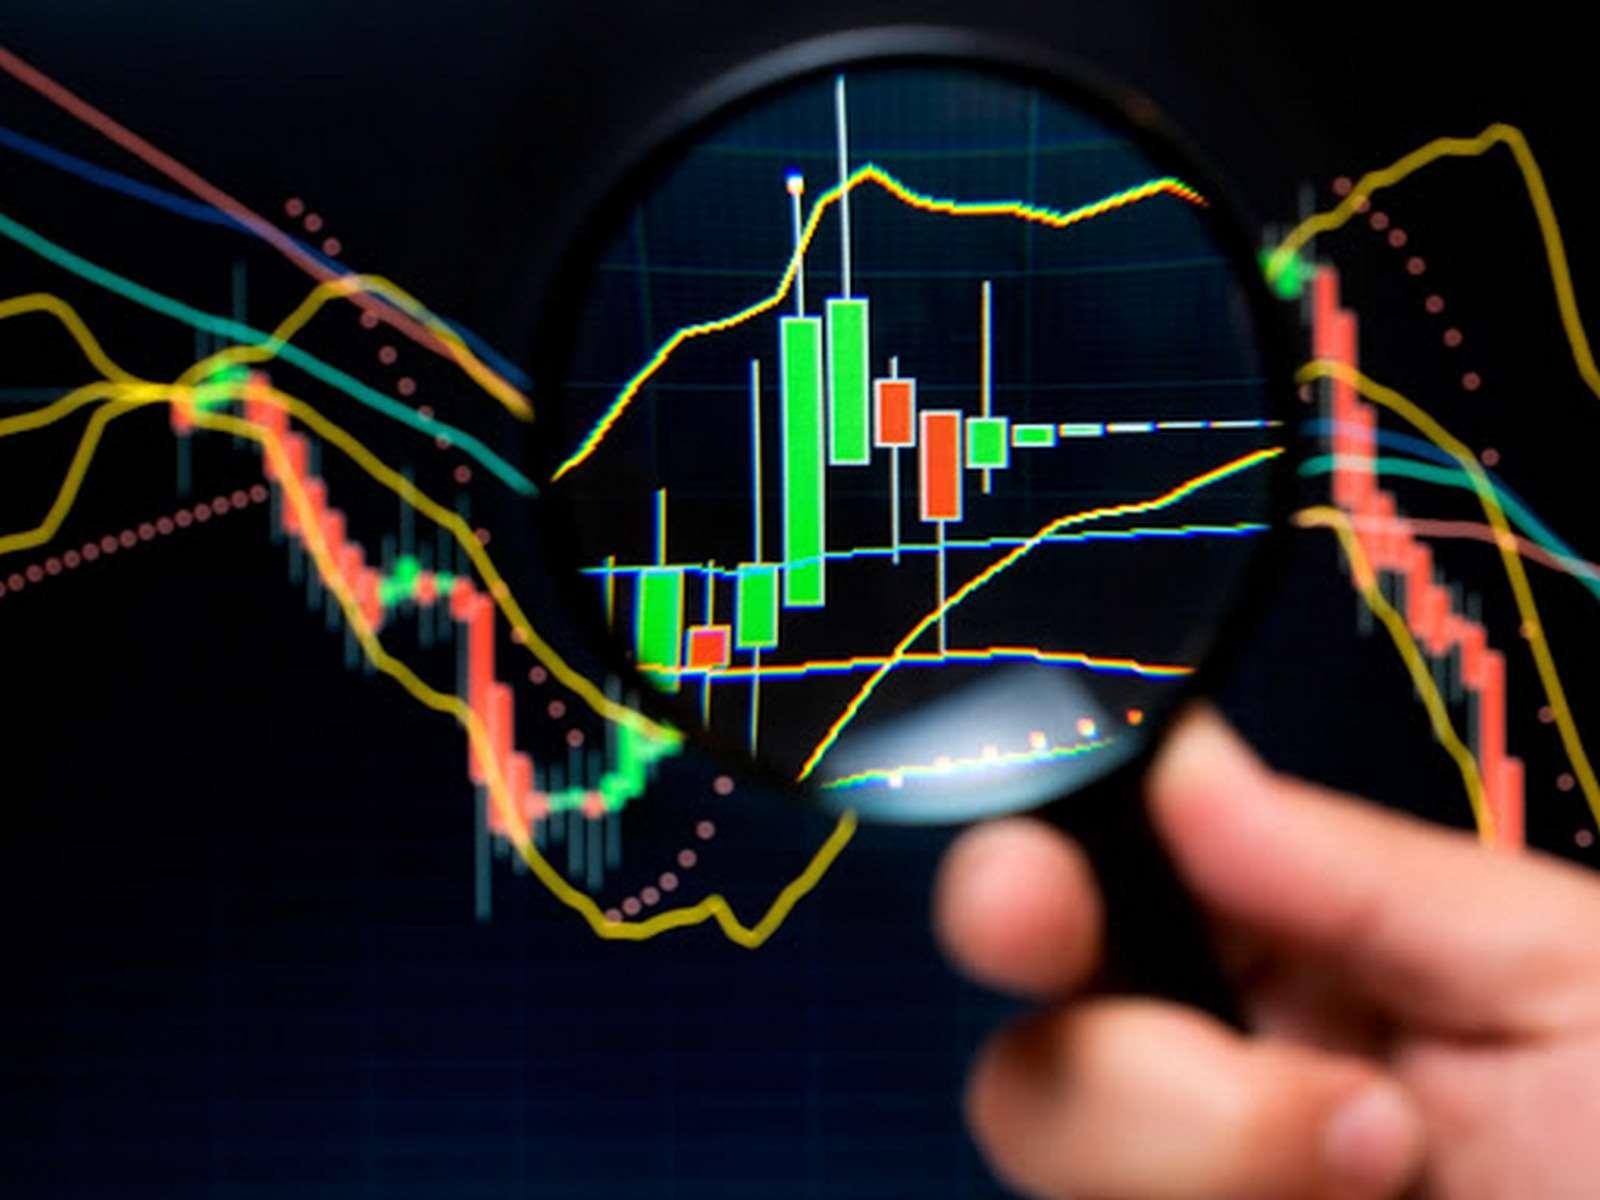 Опционы как стратегическое инвестирование: описание